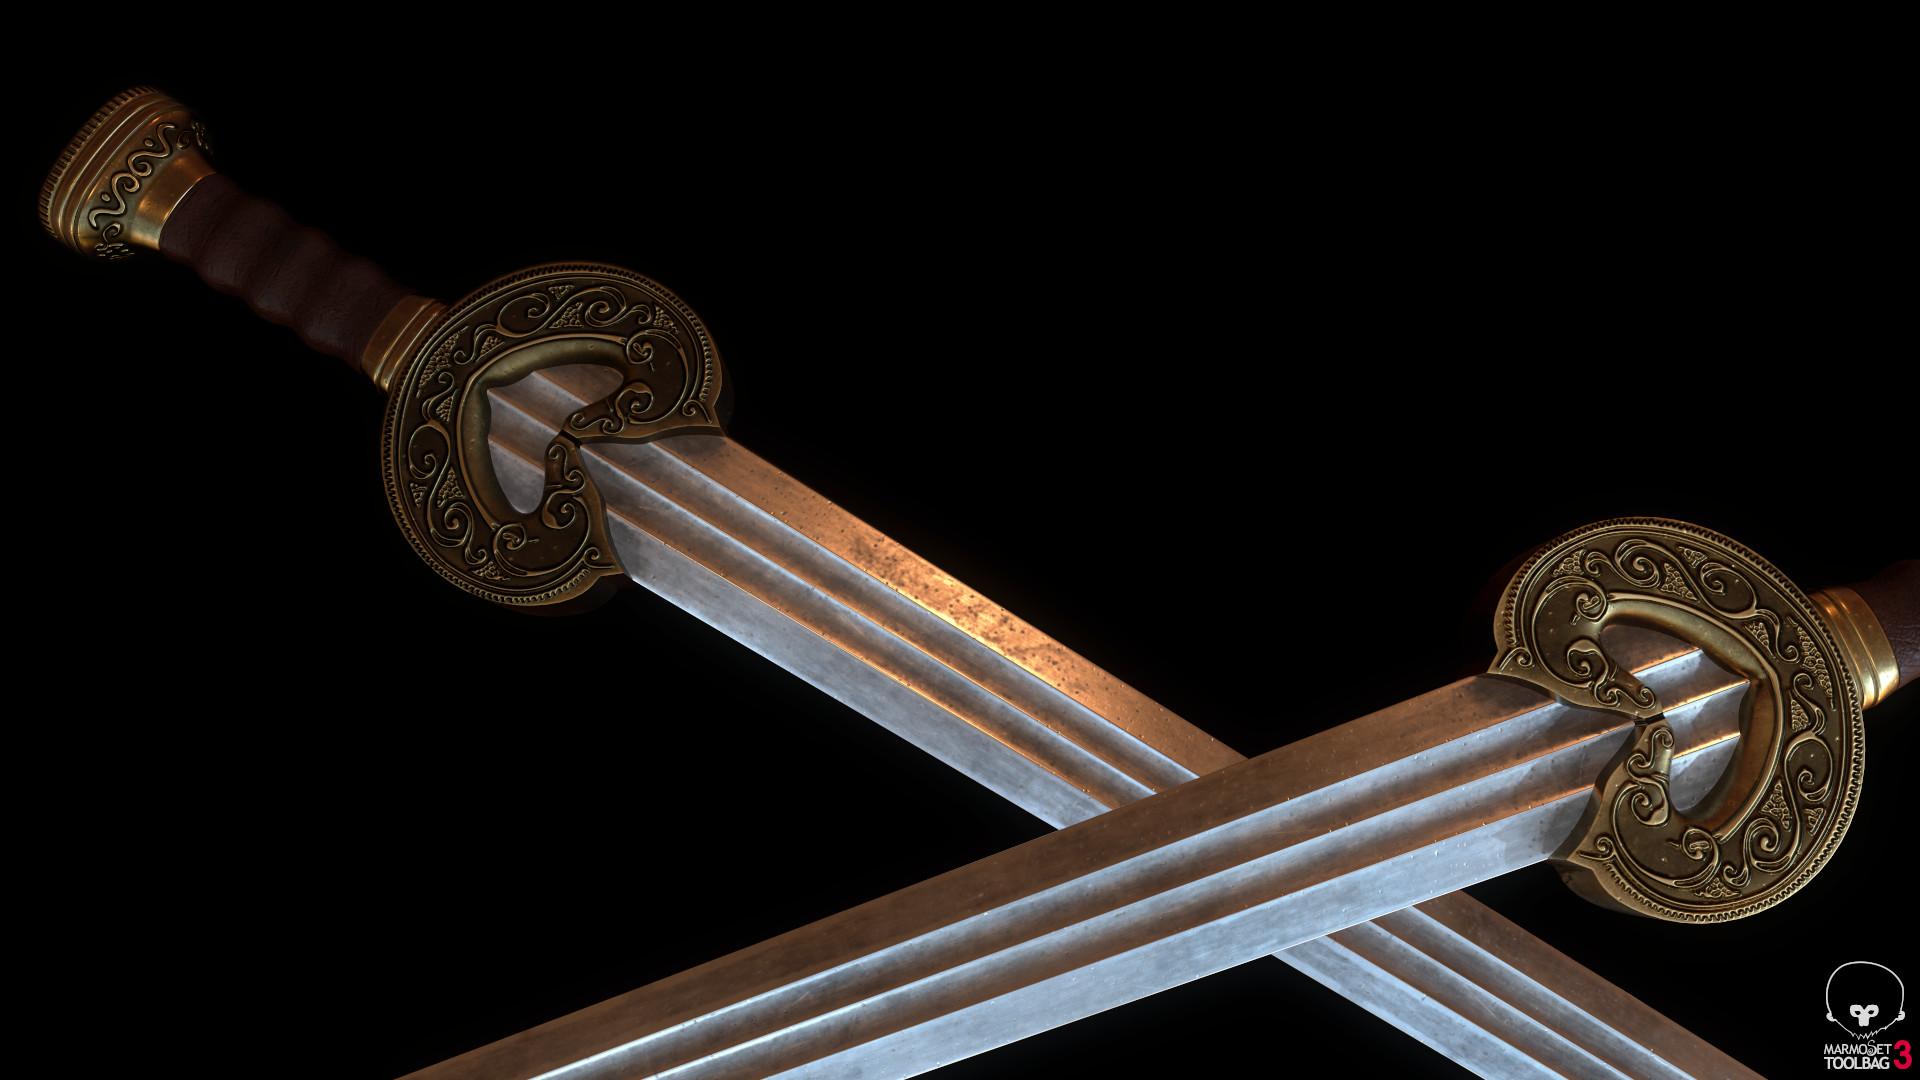 Bela csampai s4h herugrim sword preview mt 05